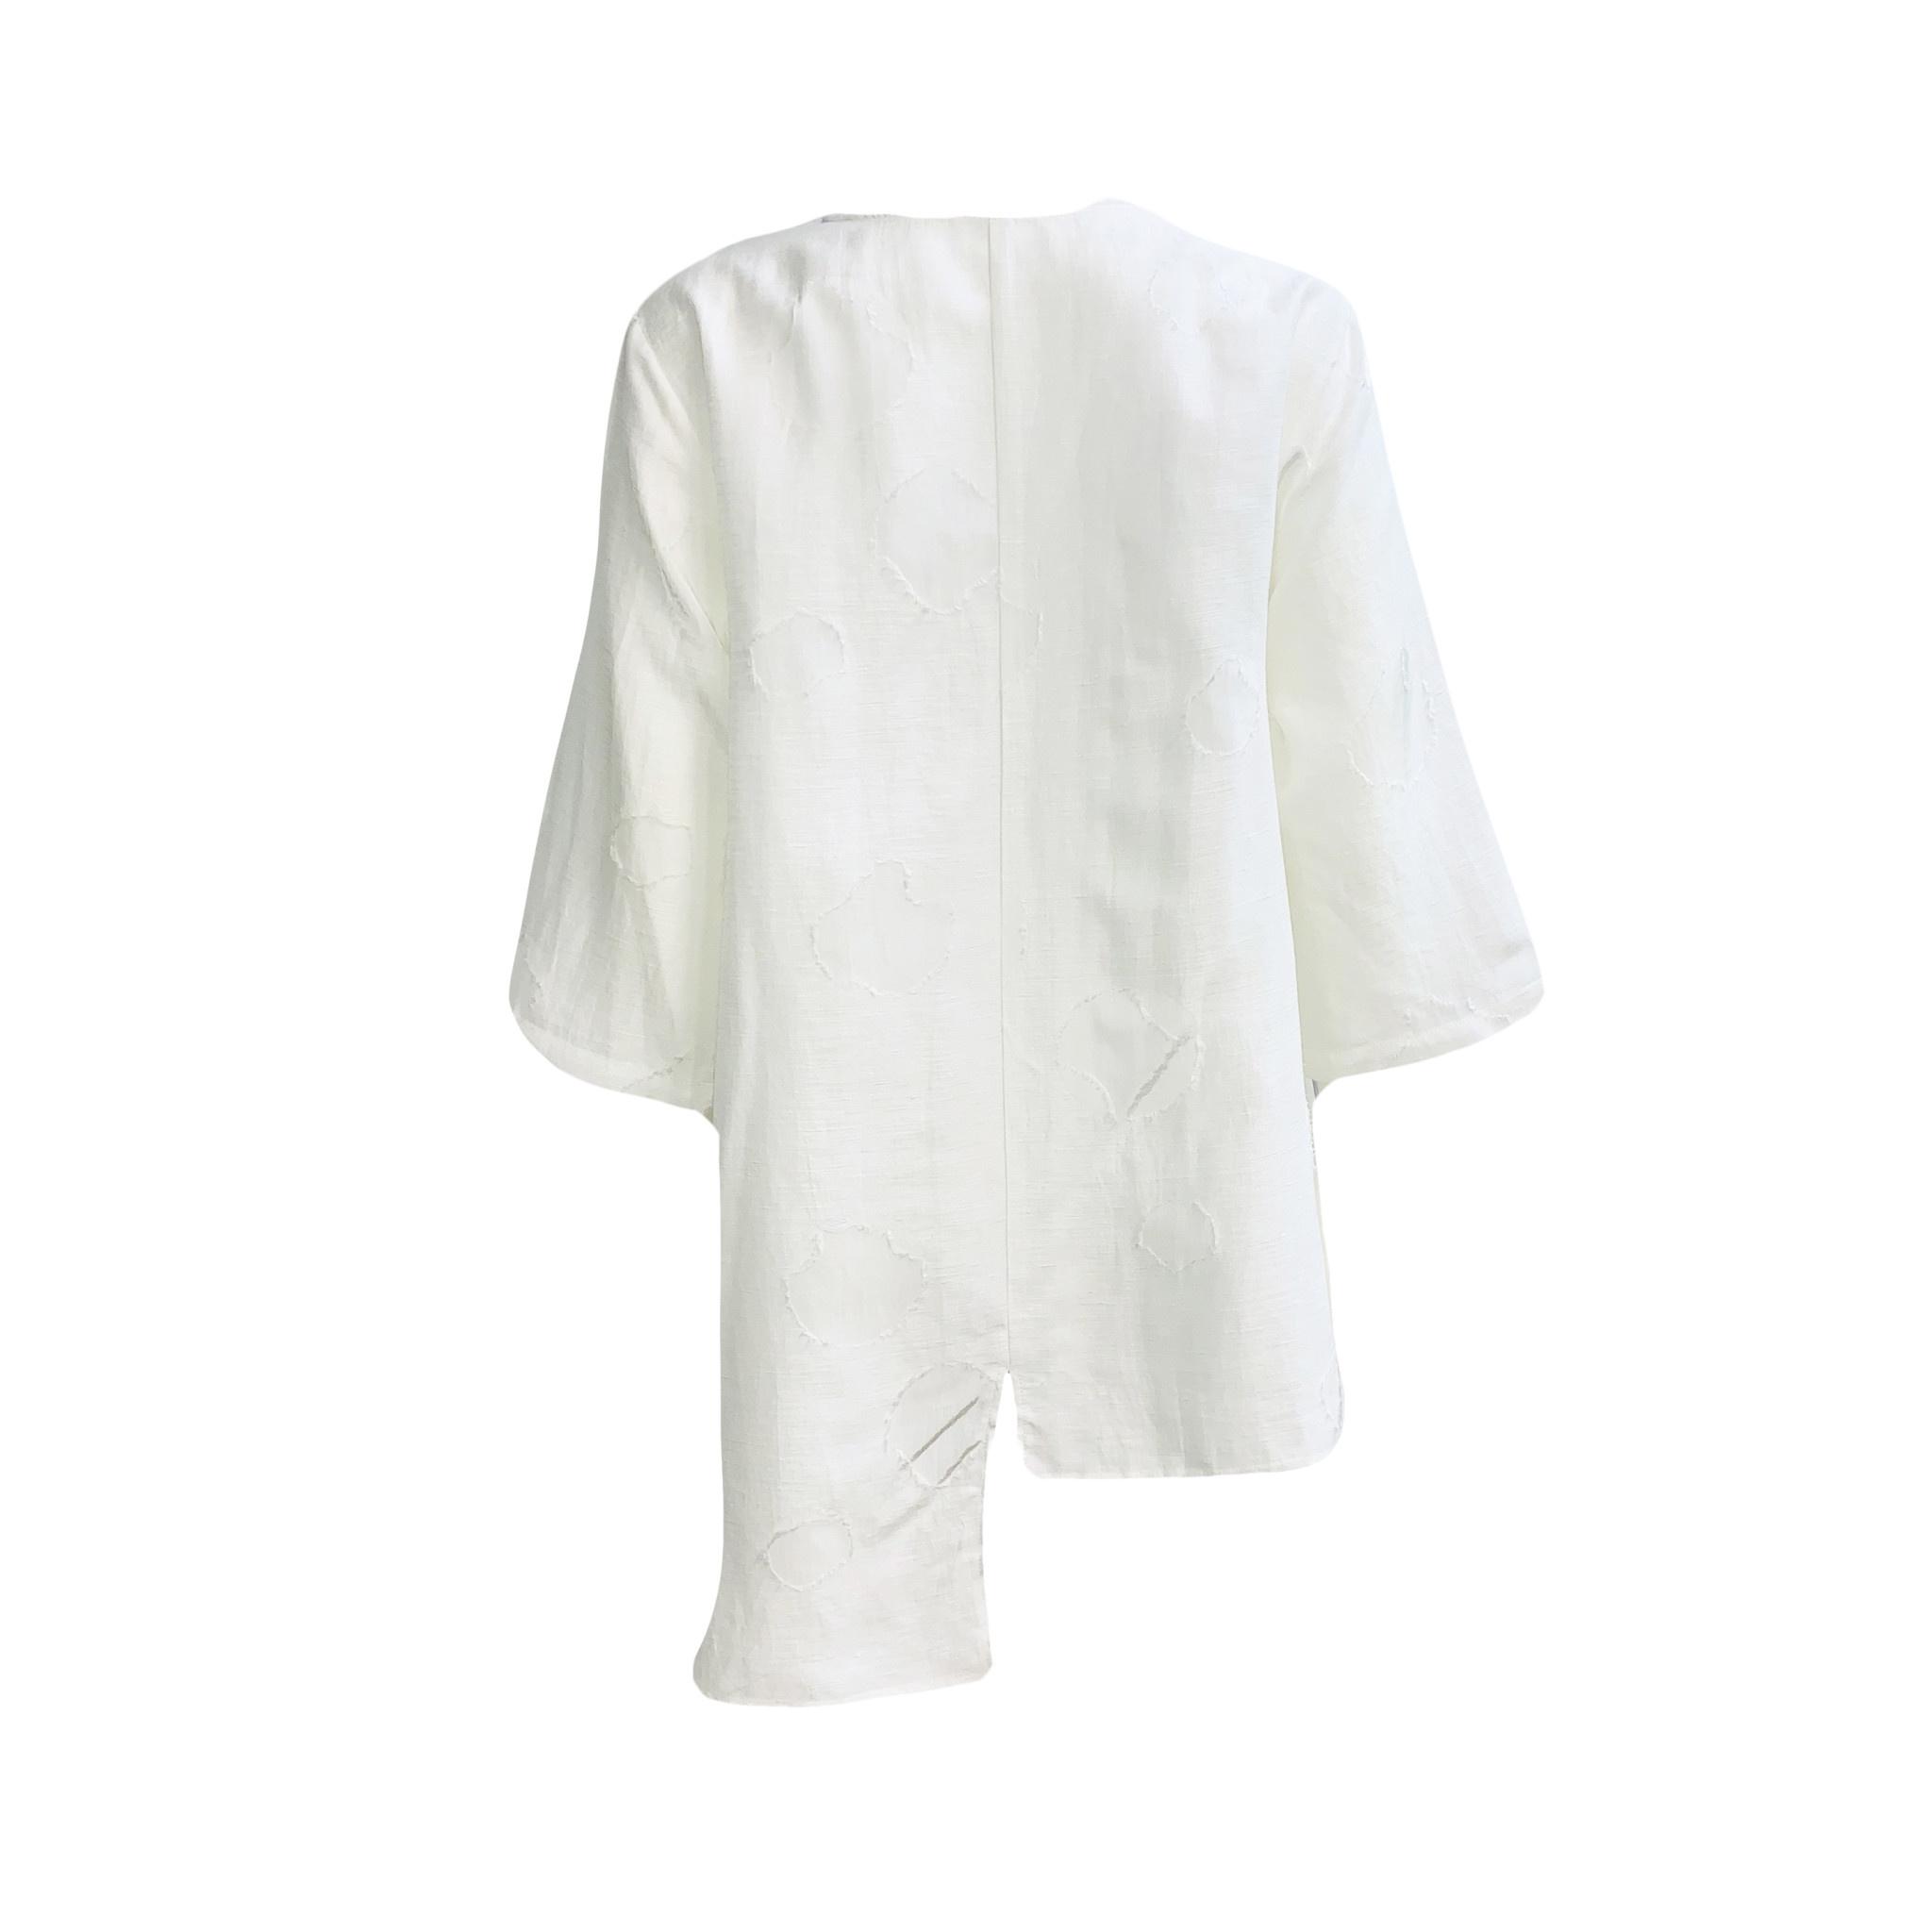 Yoshi Yoshi Yoshi Yoshi Long Shirt-Cream